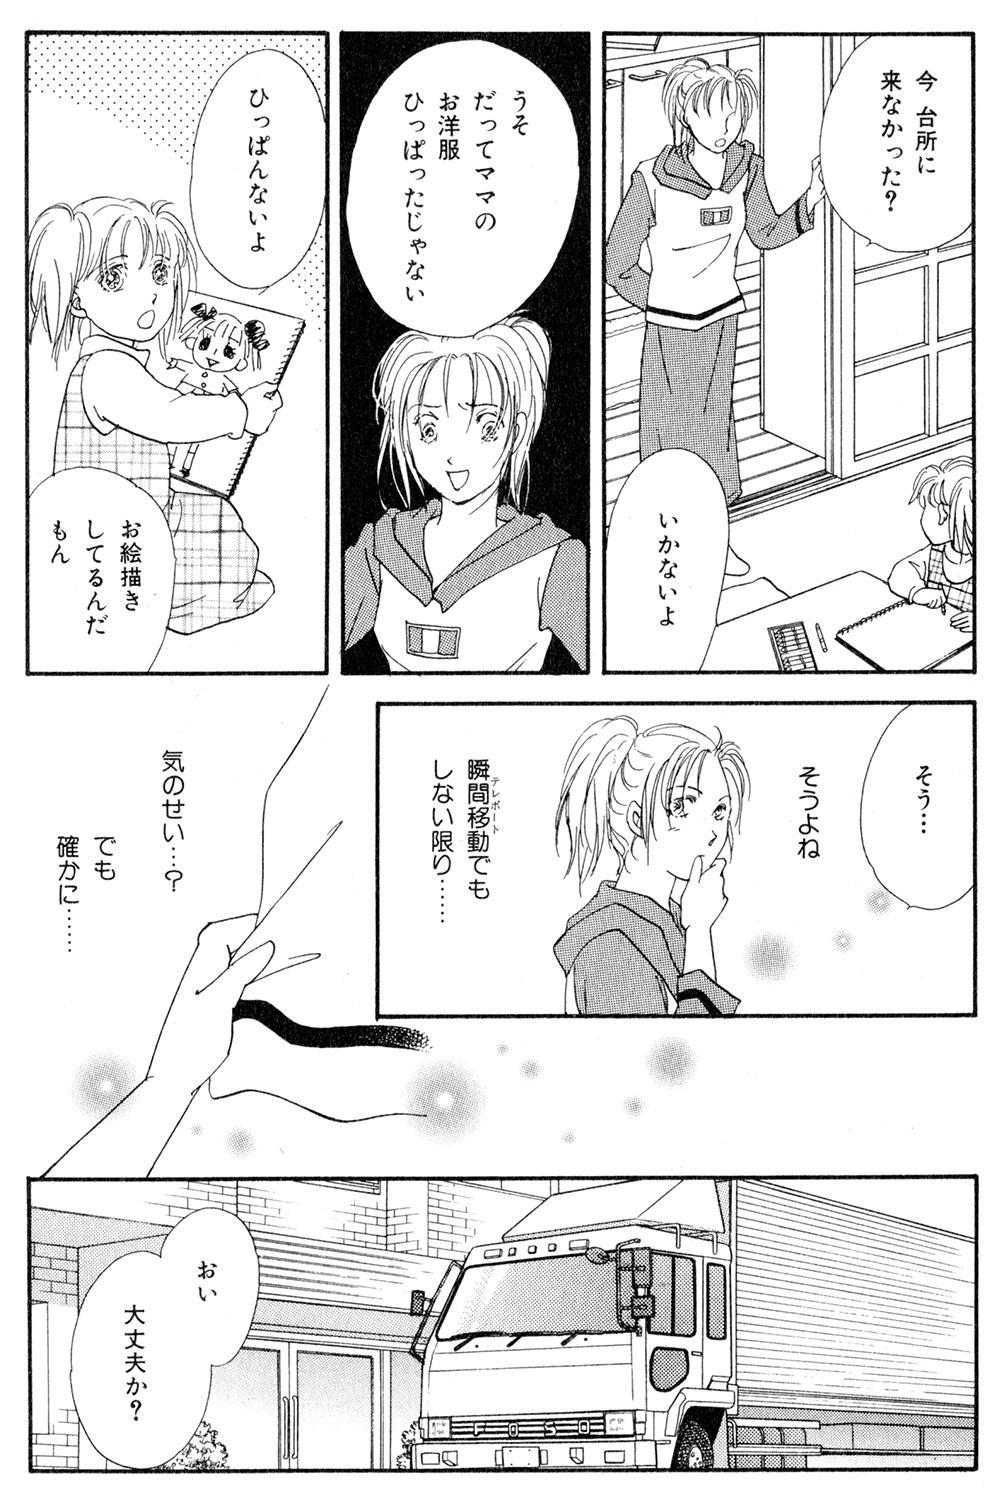 魔百合の恐怖報告 「災いを呼ぶ老婆」①rouba01-15.jpg